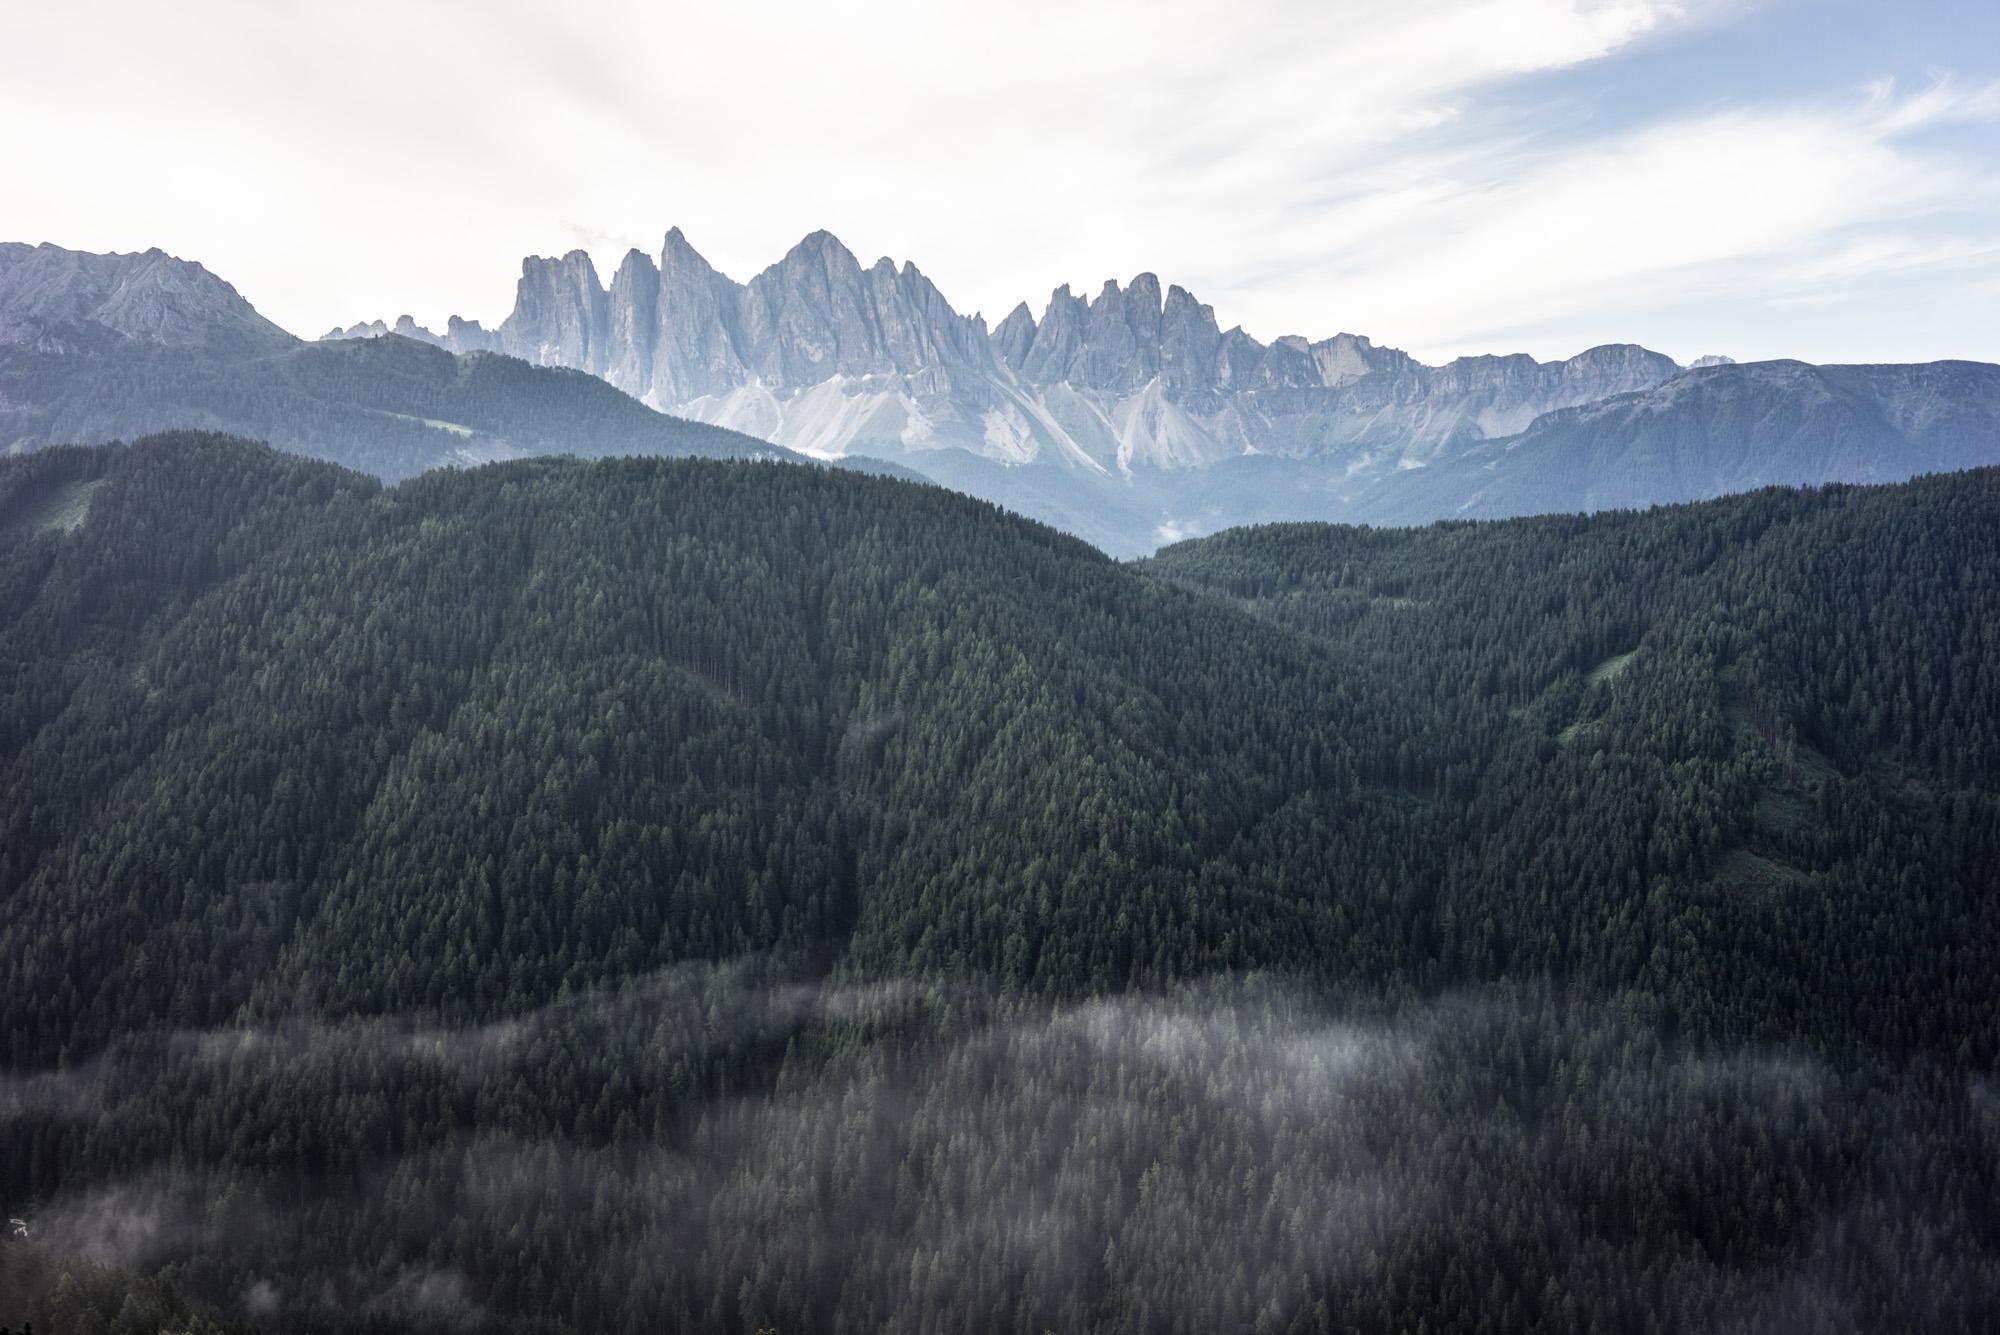 L'âme de Forestis : la présence de la forêt et des montagnes, vues ici du balcon d'une des Tower Suites.